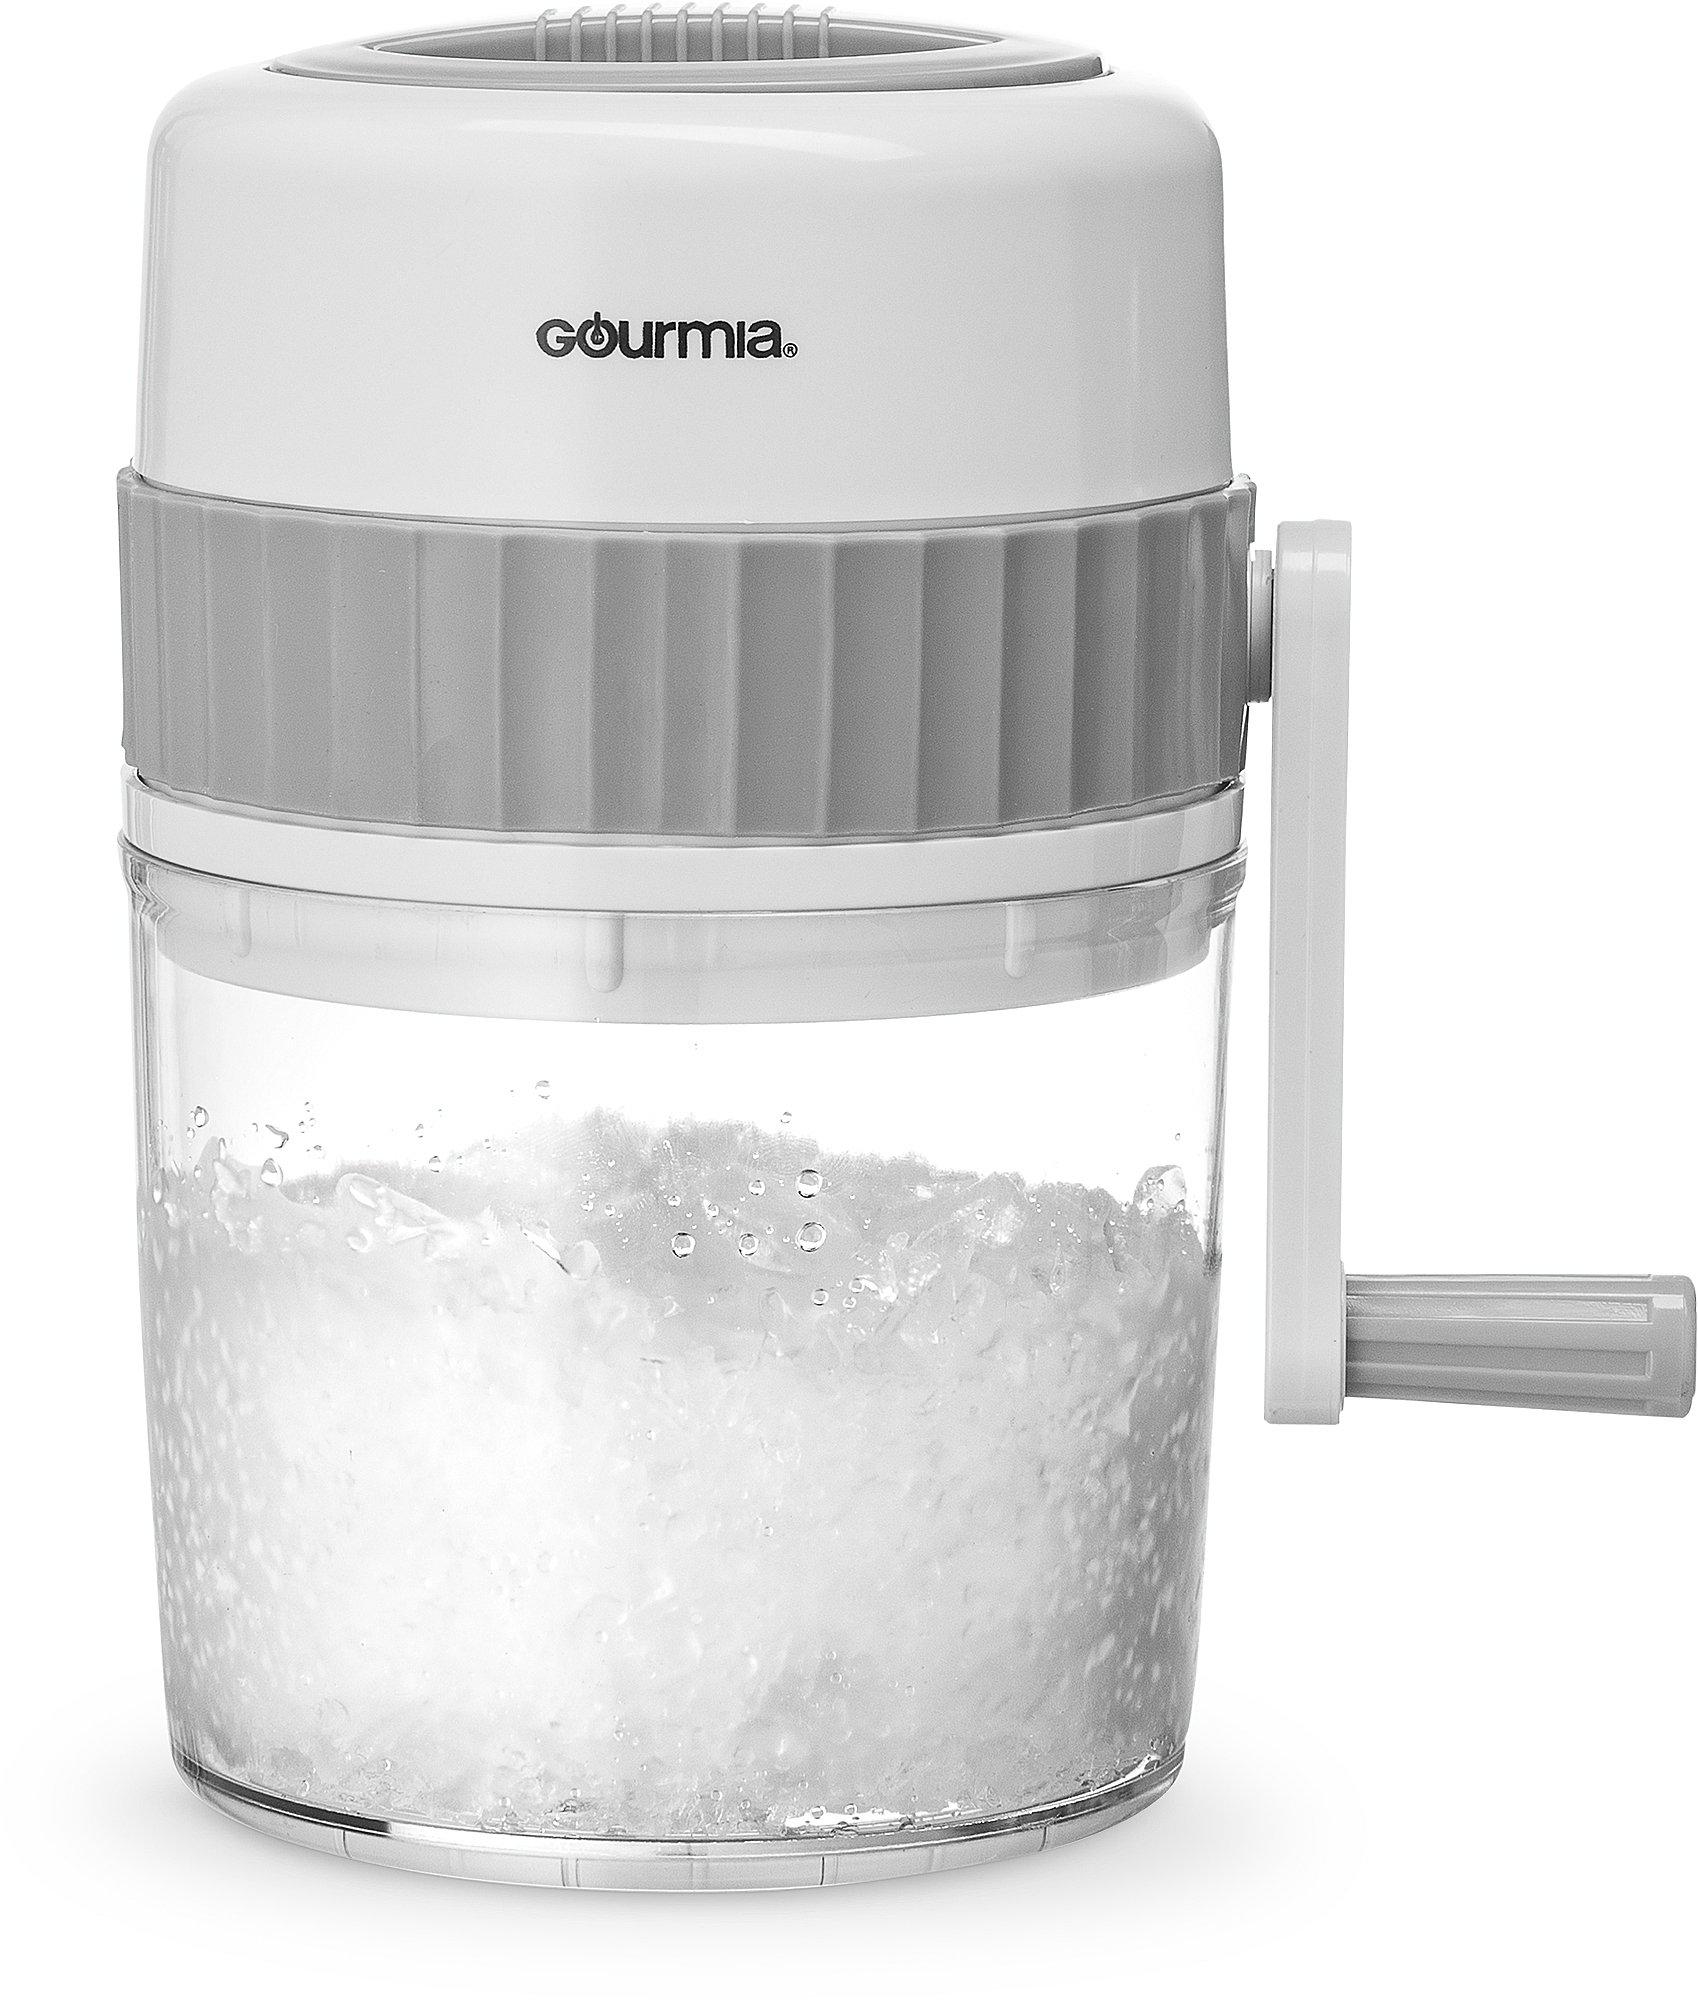 Gourmia GIC9635 Ice Shaver Stainless